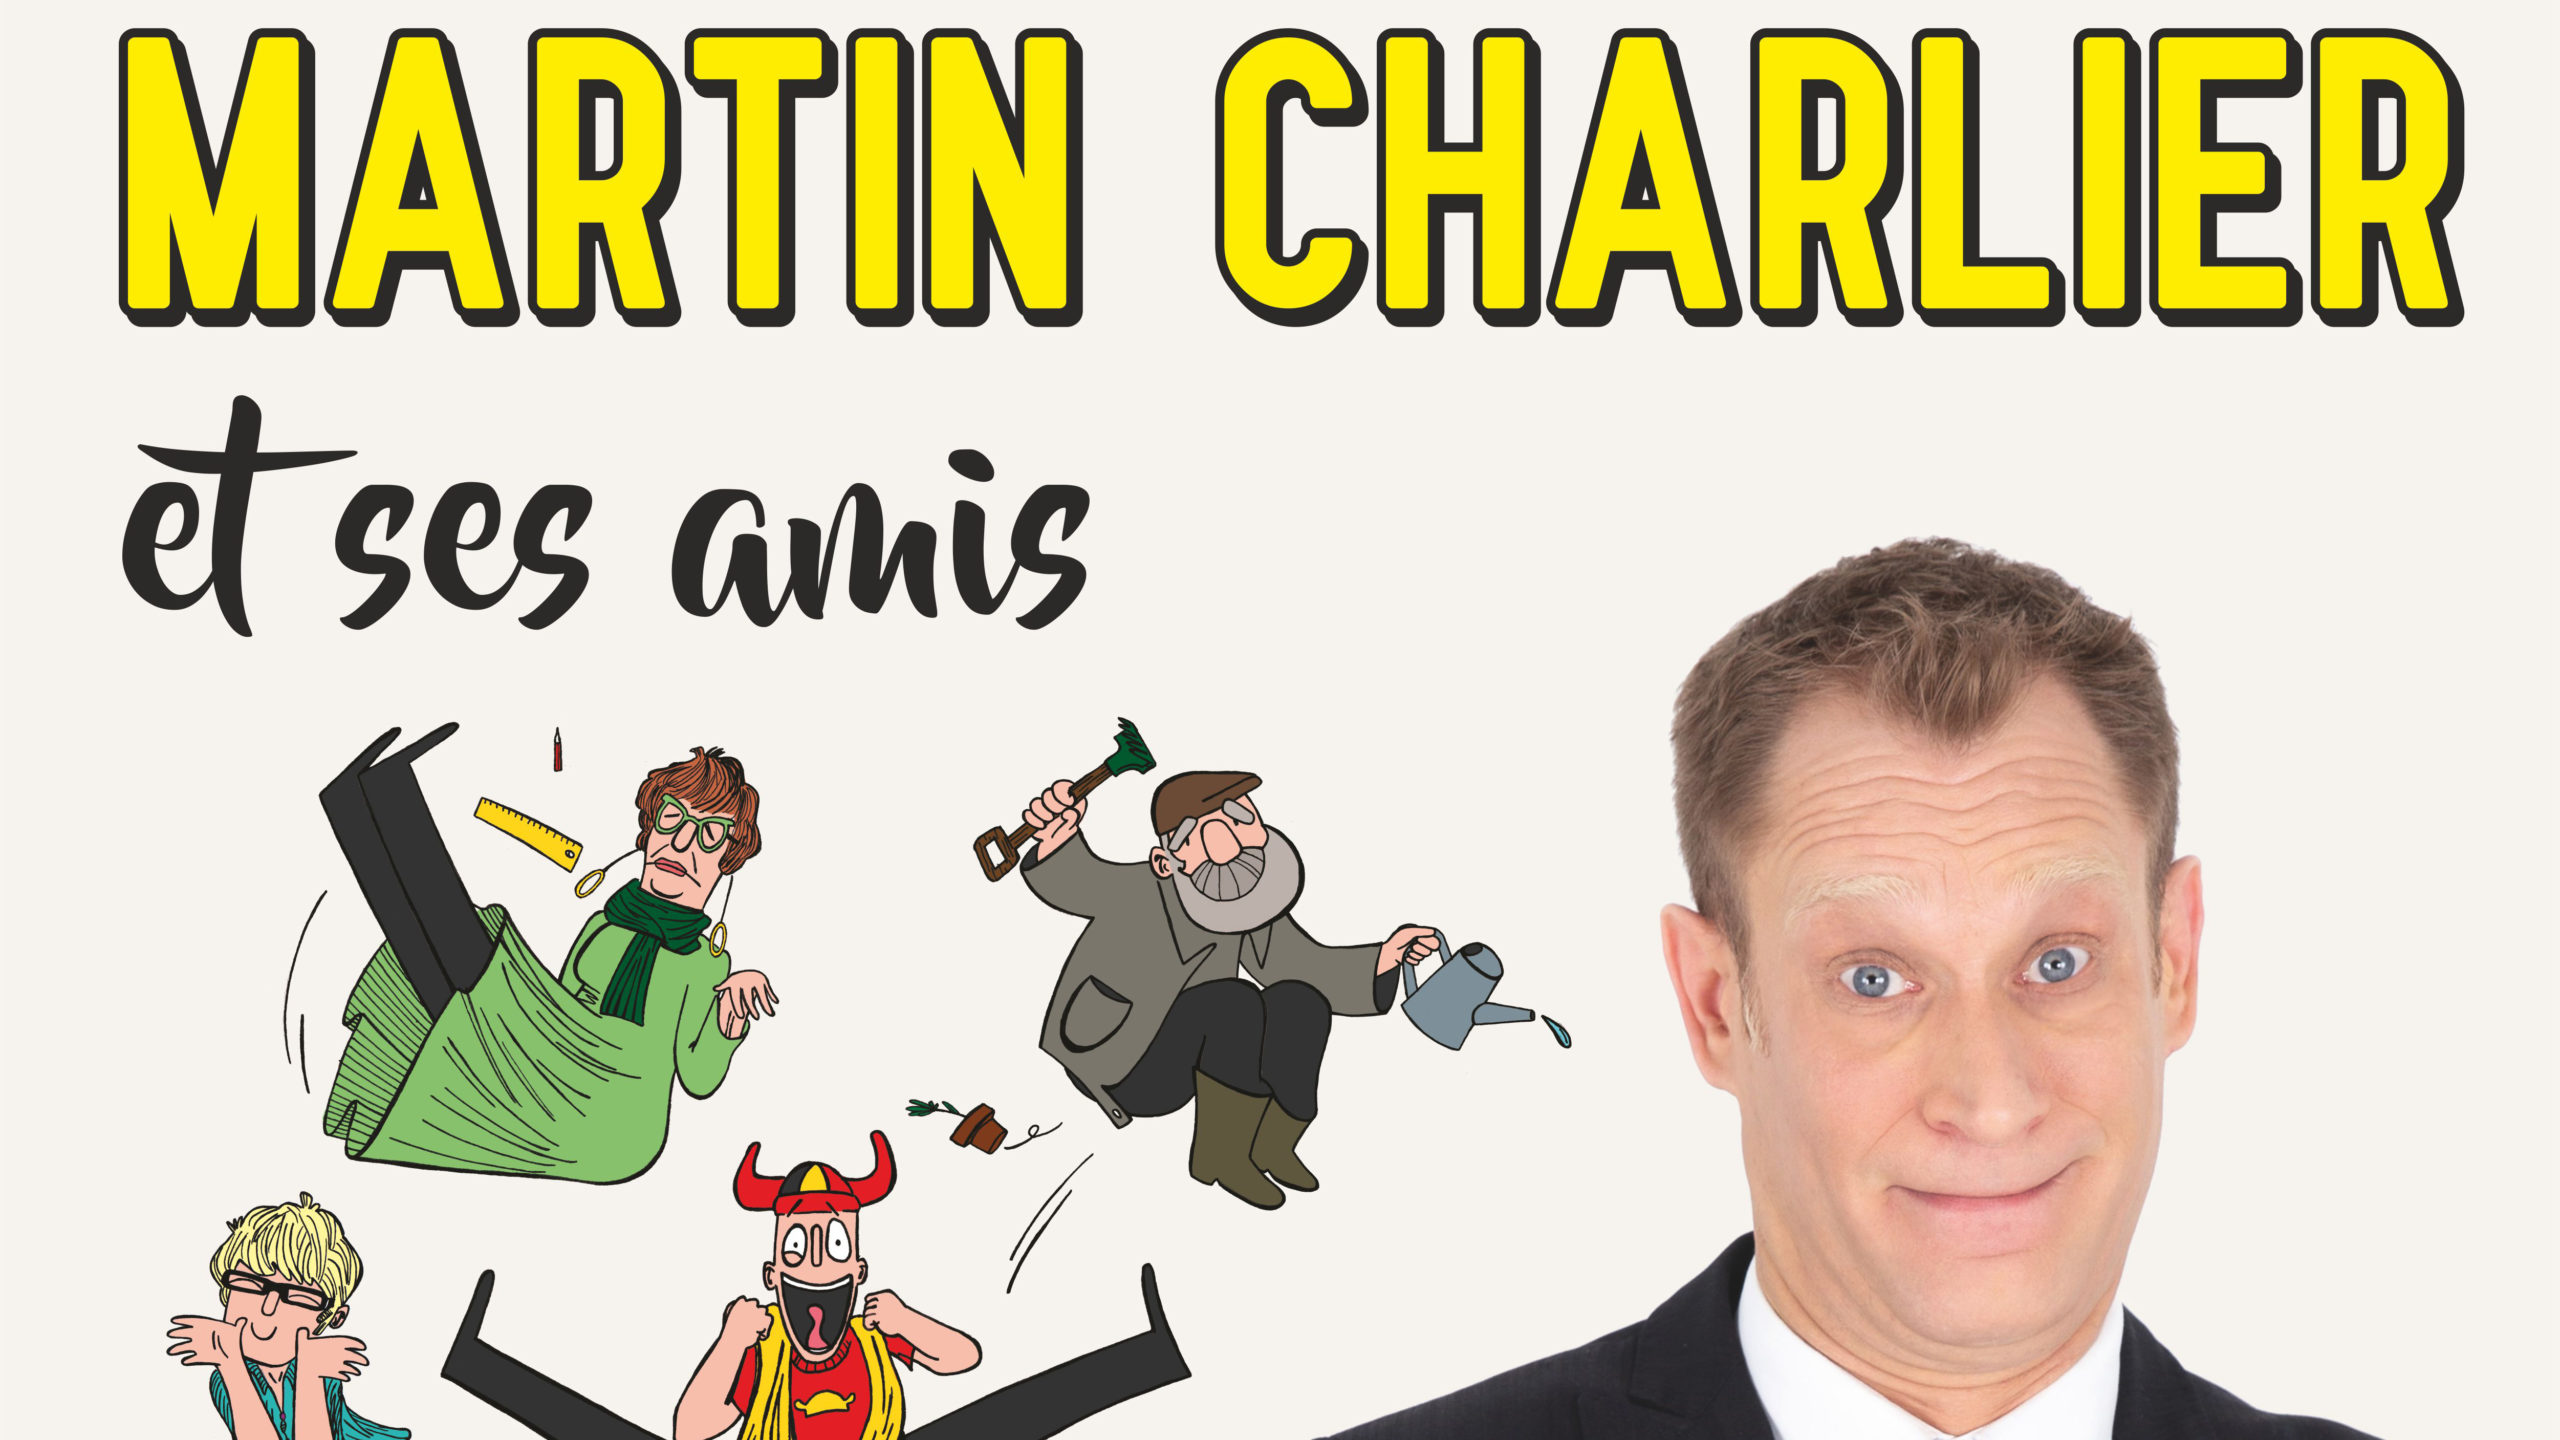 Cliquez ici pour en savoir plus sur MARTIN CHARLIER